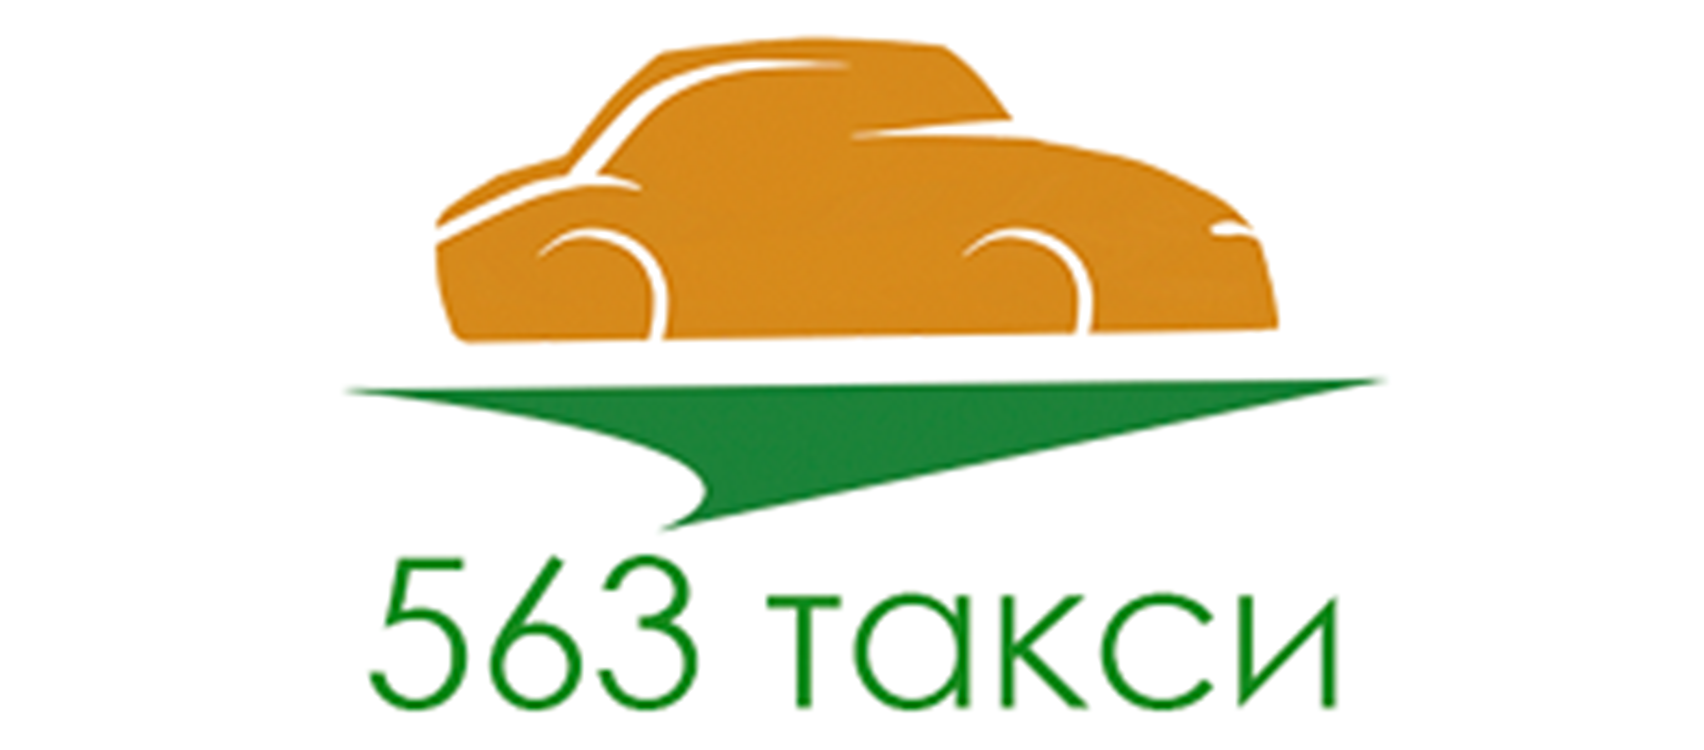 Таксі 563  (Київ)